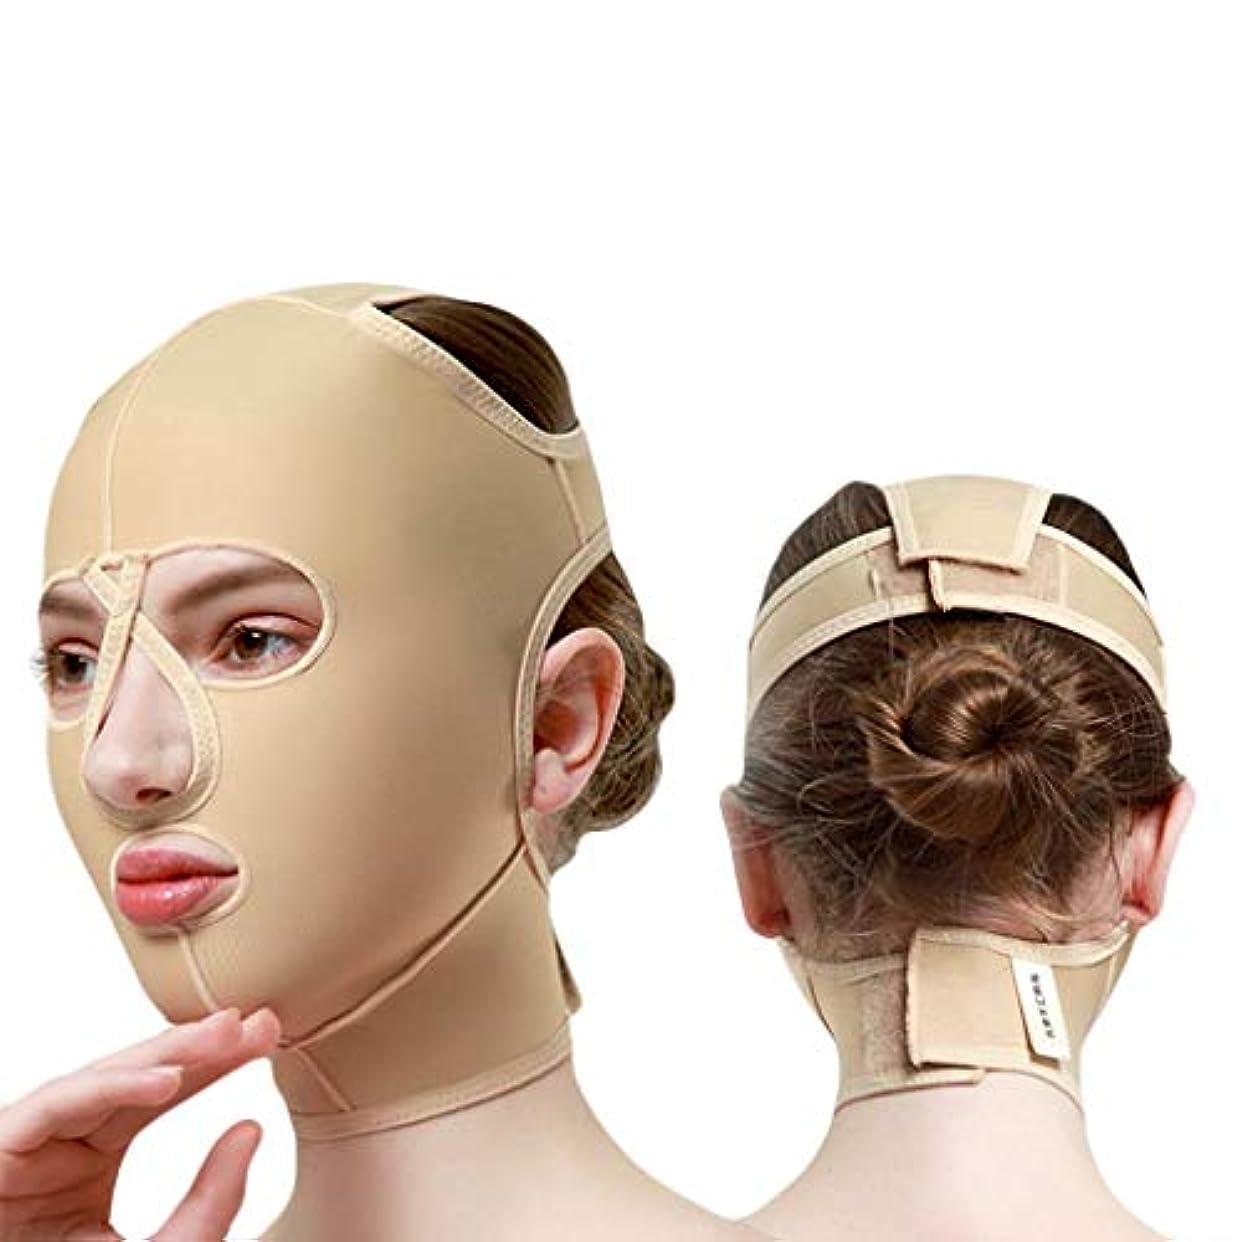 異なる反射信頼性のあるチンストラップ、顔彫りツール、リフティングマスク、ダブルチンリデューサー、フェイスリフティングエラスティックマスクメス(サイズ:M),XL